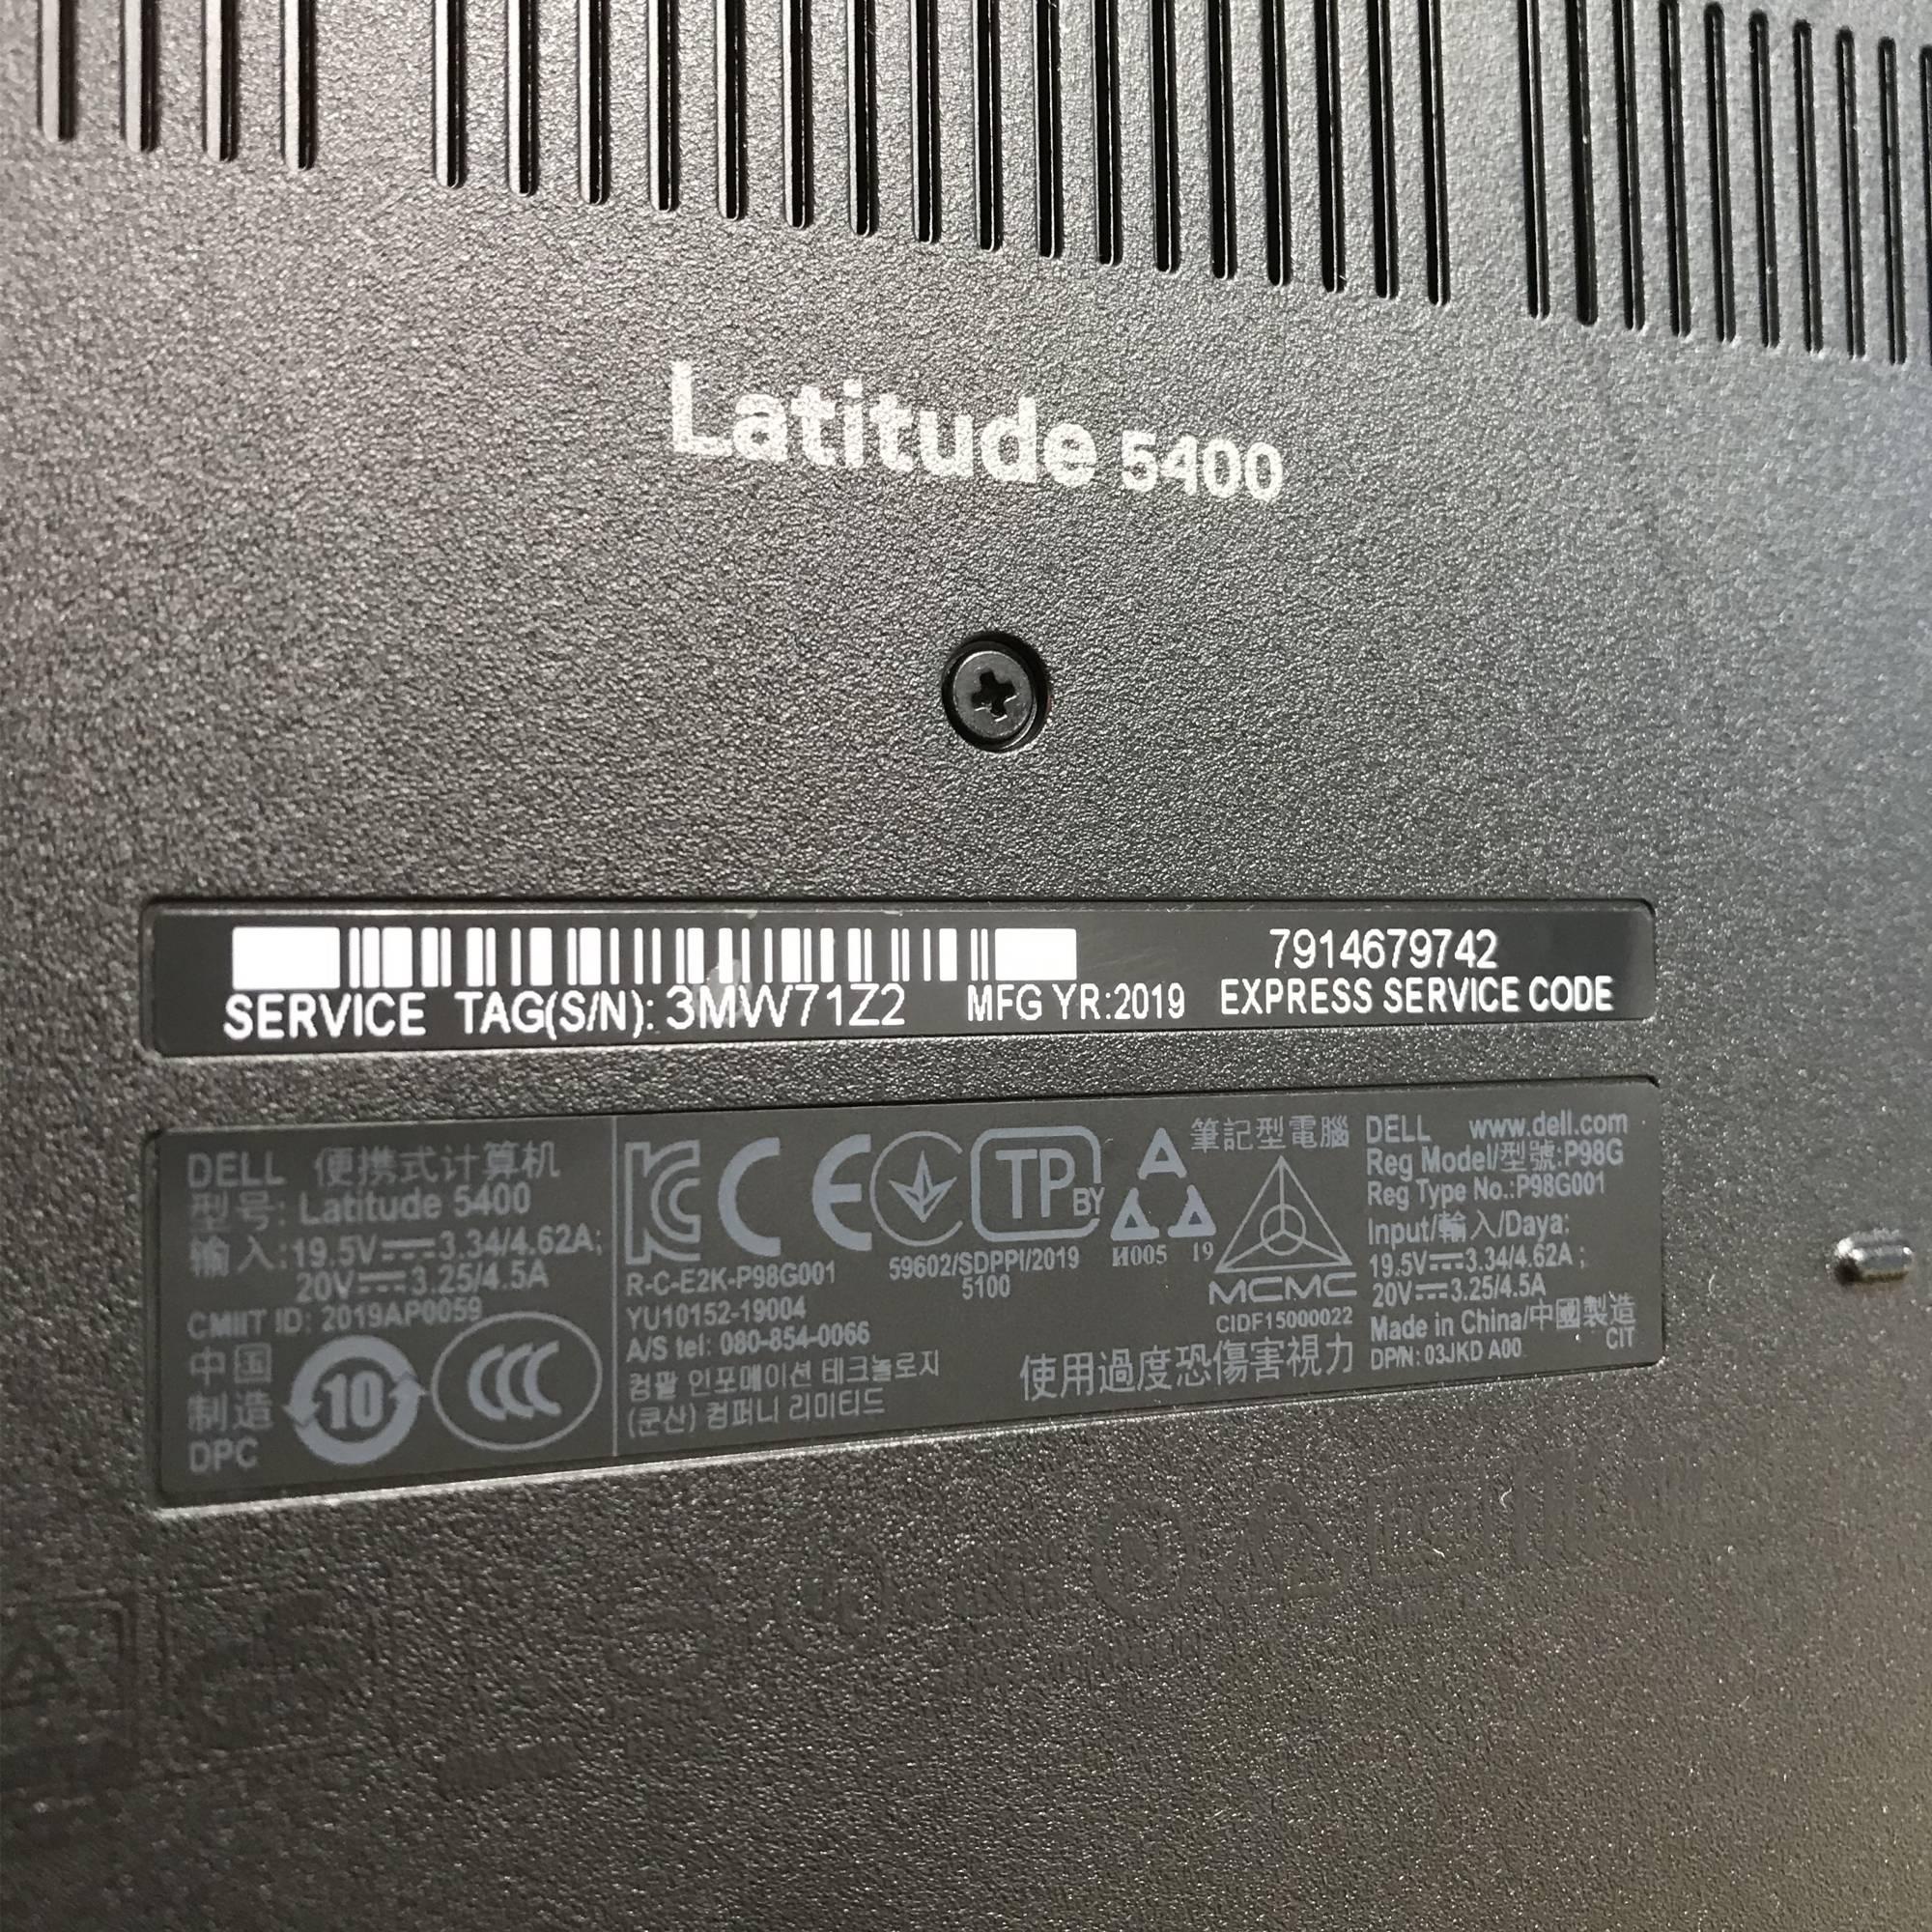 wymiana ekranu ekarnu w laptopie dell latitude.jpeg